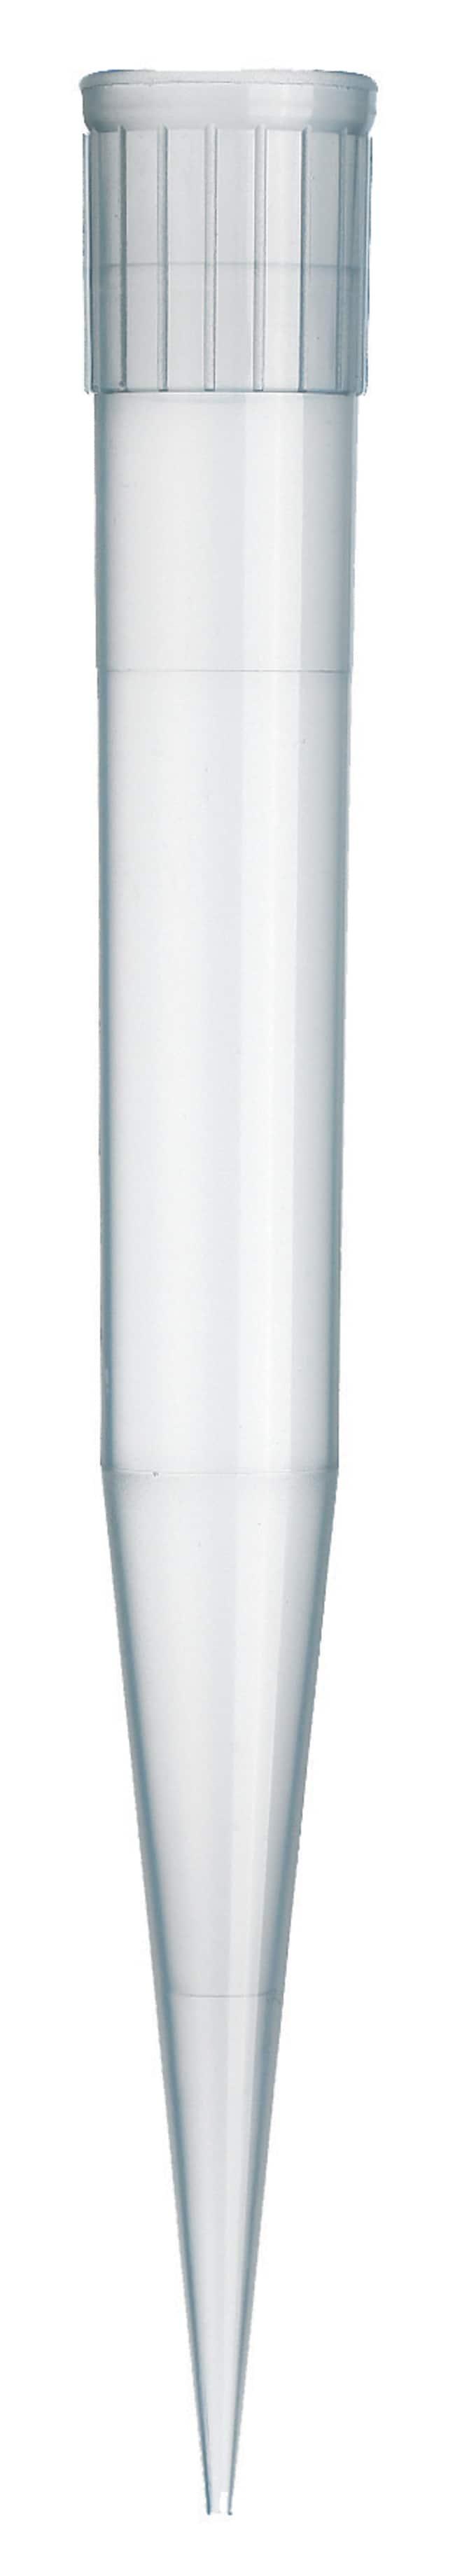 Thermo Scientific™Puntas de pipeta para micropipetas Finntip™ Finntip™ Pipette Tips; Volume: 1 to 10mL; Color code: Red; Sterility: Non-sterile; 5× Racks of 24 tips (120 tips in total) Thermo Scientific™Puntas de pipeta para micropipetas Finntip™